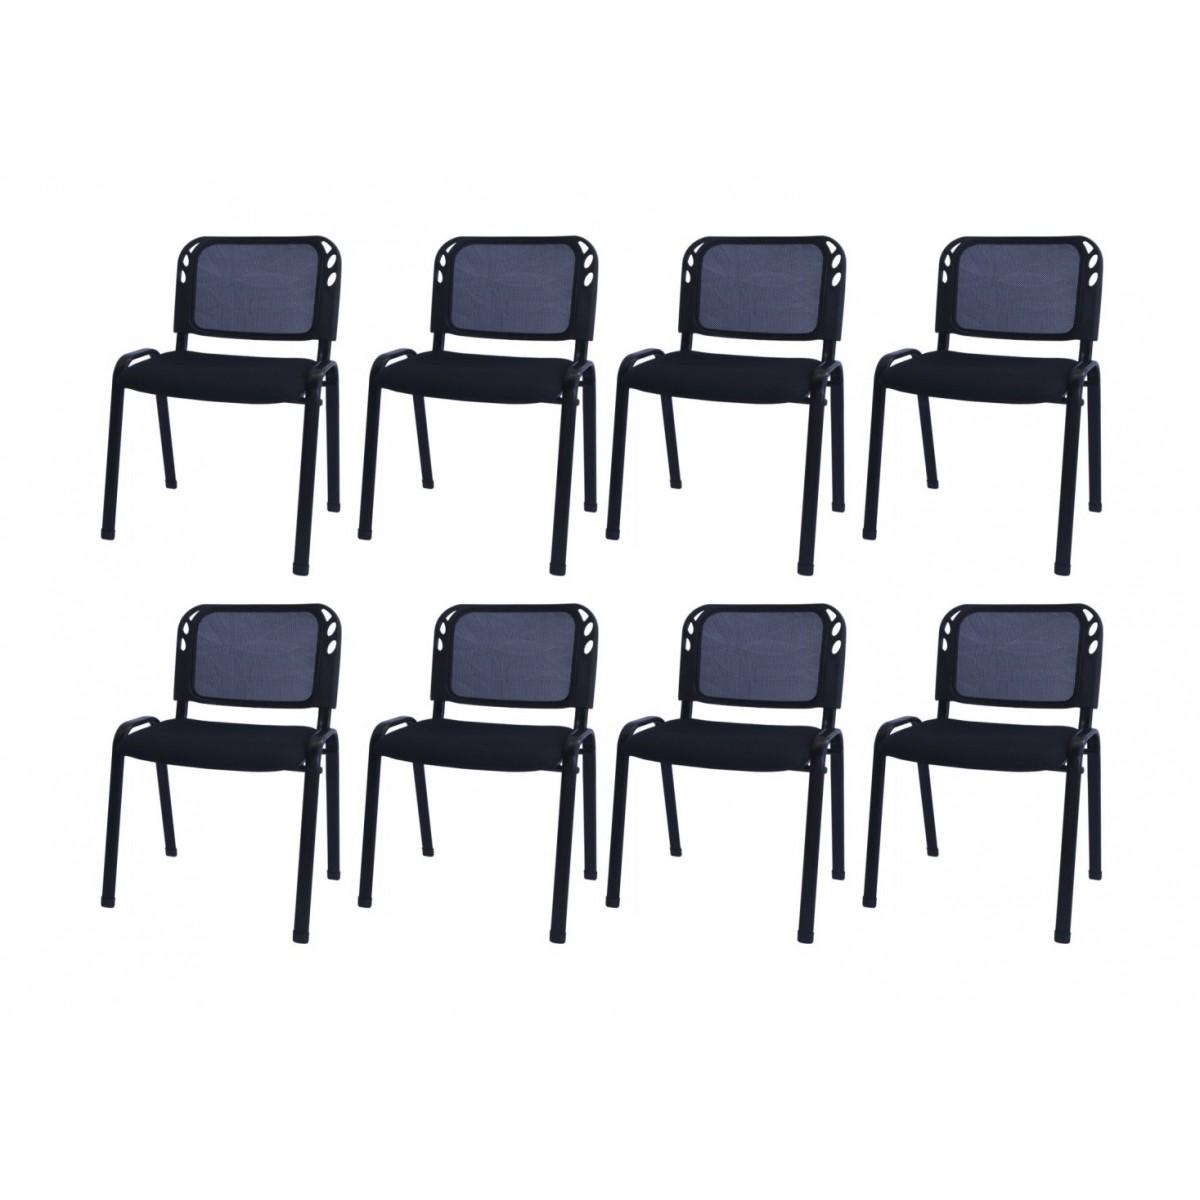 Kit com 8 Cadeiras Secretária em Tela Mesh PEL-304SM Pretas Empilháveis